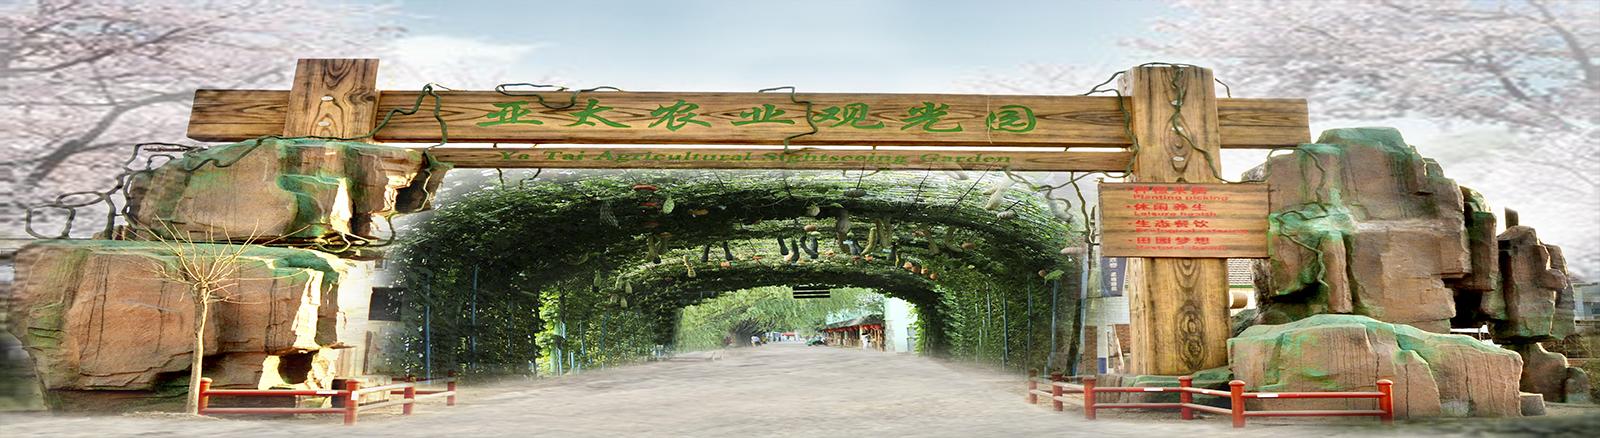 亞太農業觀光園